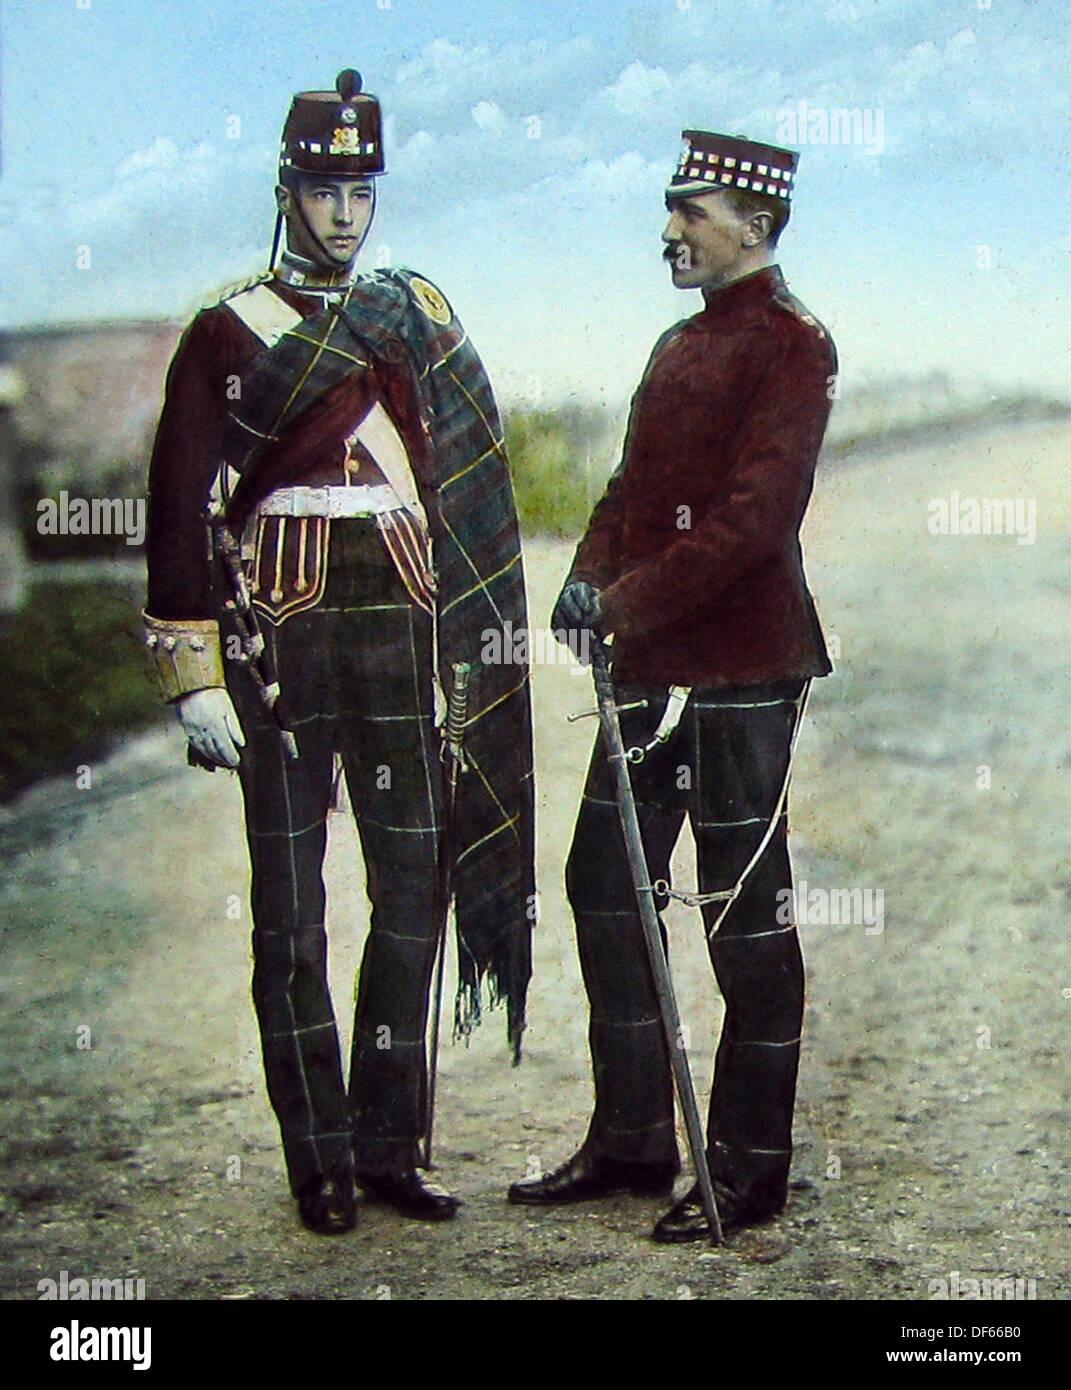 Highland período victoriano de Infantería Ligera Imagen De Stock